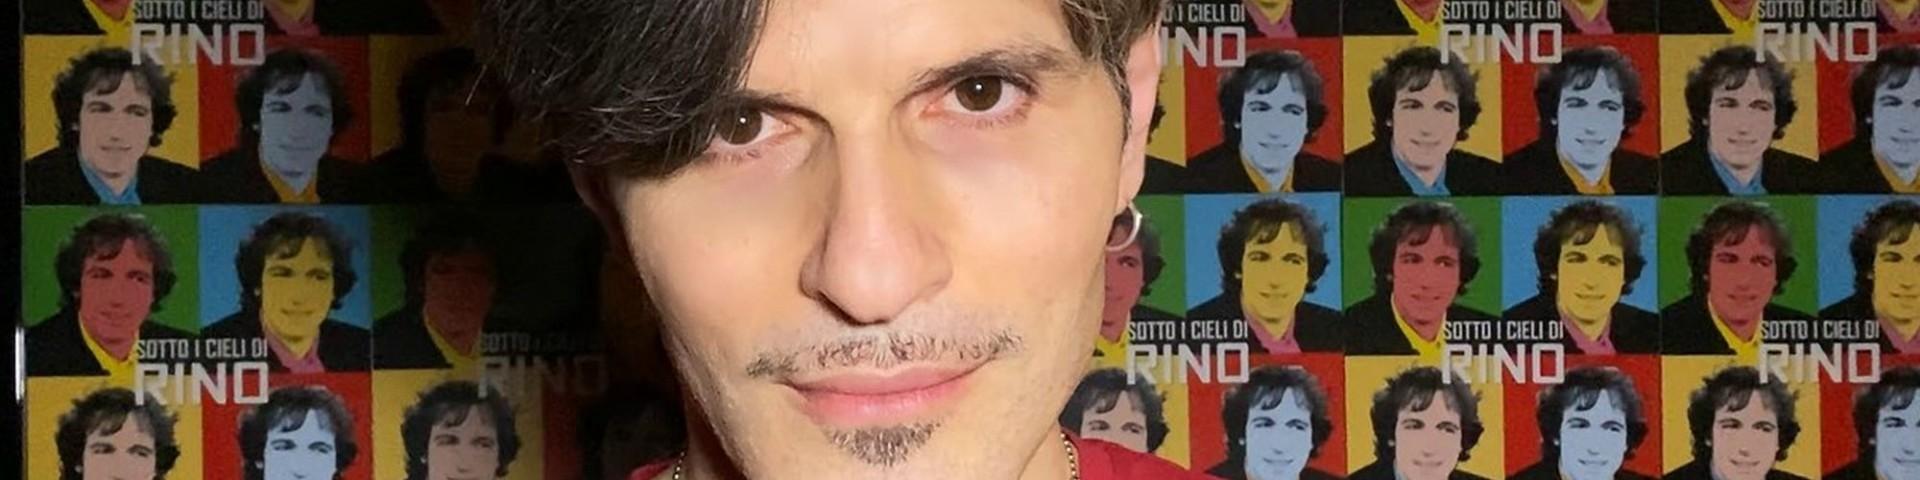 """Alessandro Gaetano: """"La musica di Rino rappresenta un messaggio di speranza"""""""